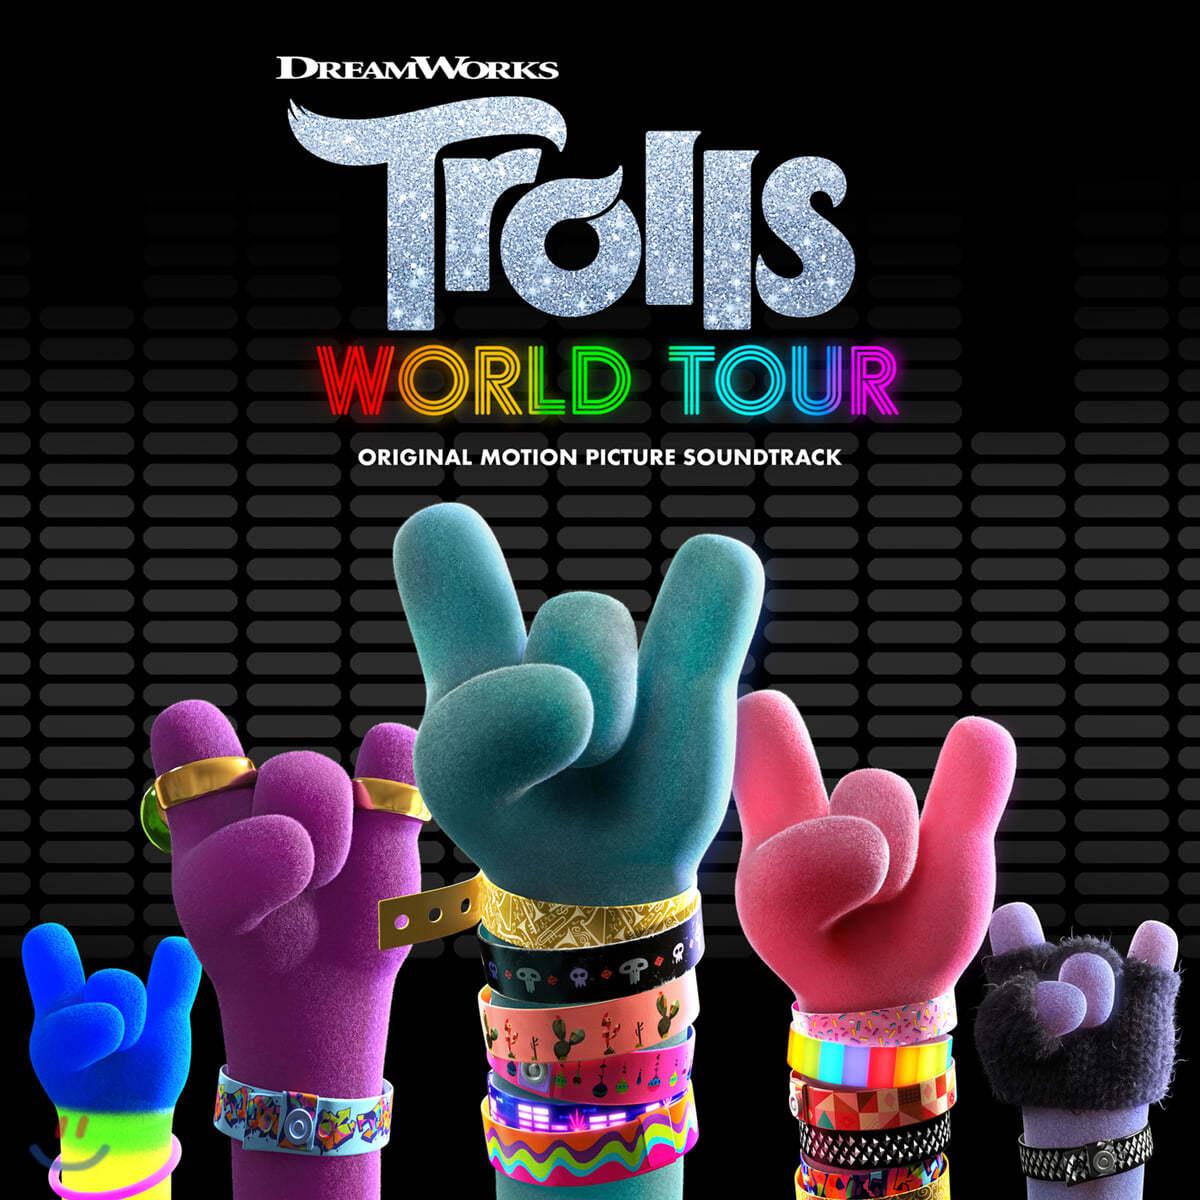 트롤: 월드 투어 영화음악 (Trolls World Tour Original Motion Picture Soundtrack)